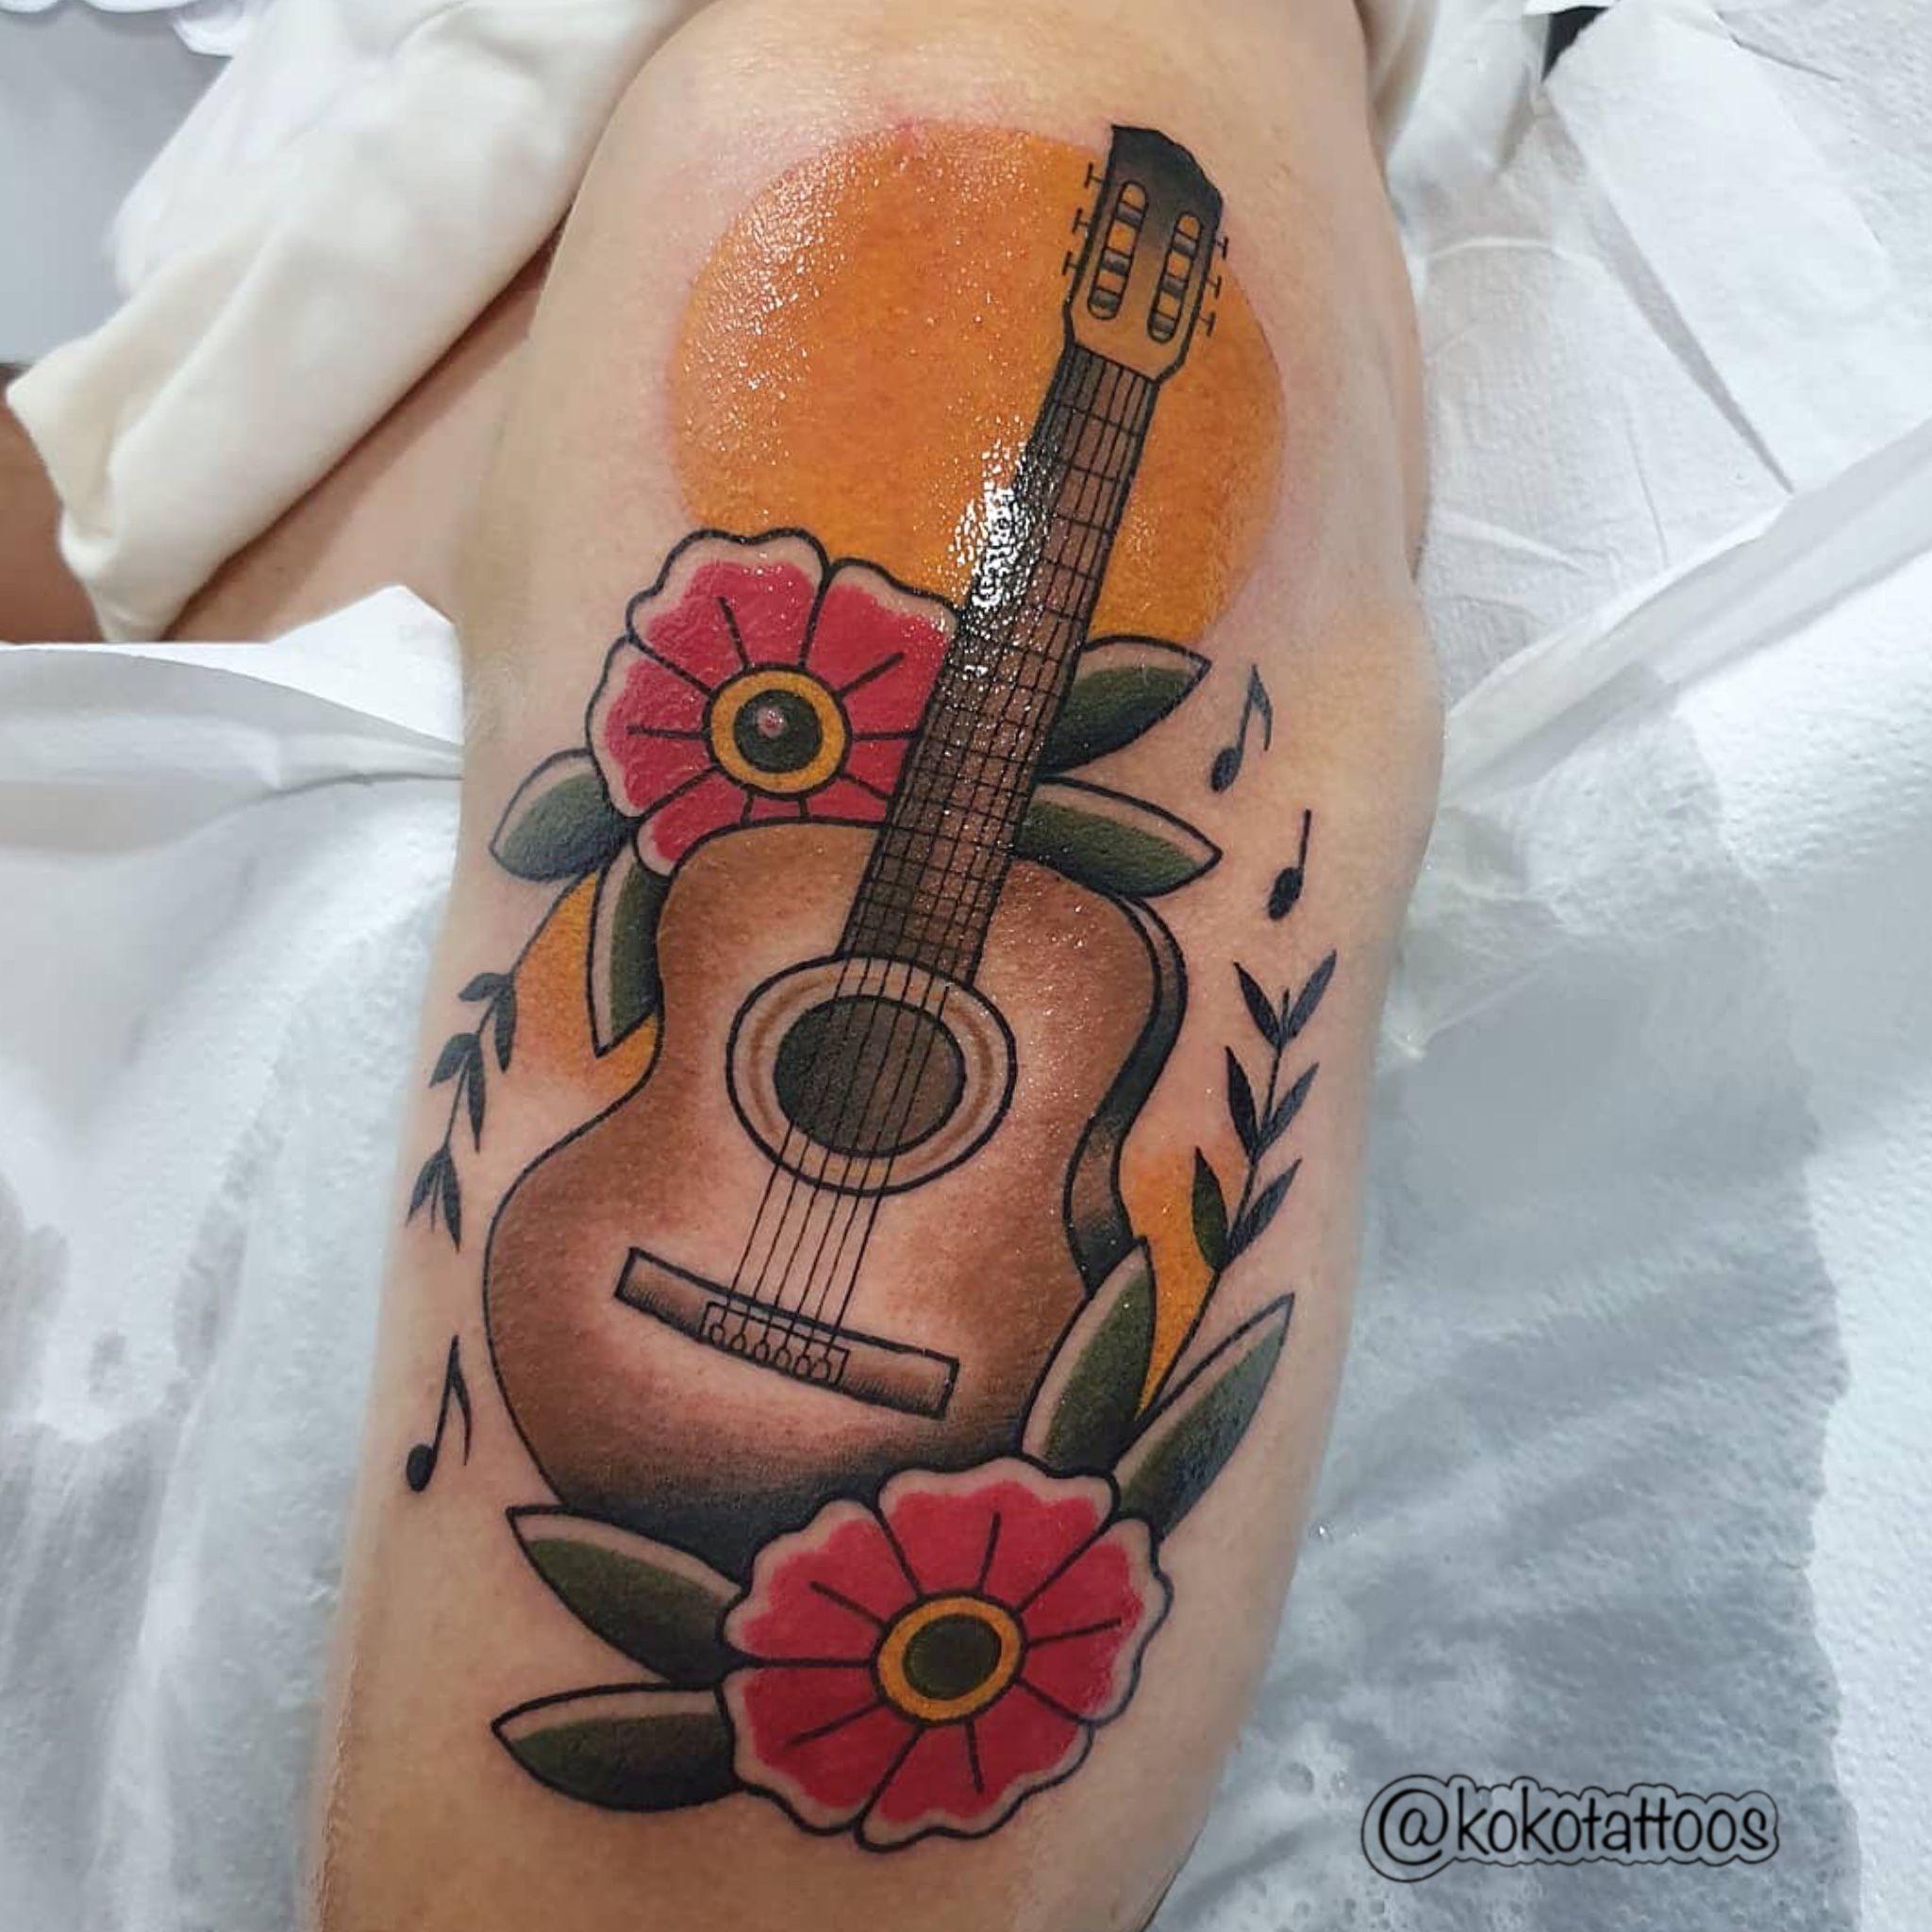 Instagram:@kokotattoos #tattoo #tattoos #neotraditionaltattoo #neotraditionaltattoos #guitarra #guitarratattoo #colortattoo #colortattoos #neotradicional #neotradicionaltattoo #neotradicionaltattoos #neotrad #tatuaje #tatoo #tatto #arte #dibujo #pintura #kokotattoos #koko